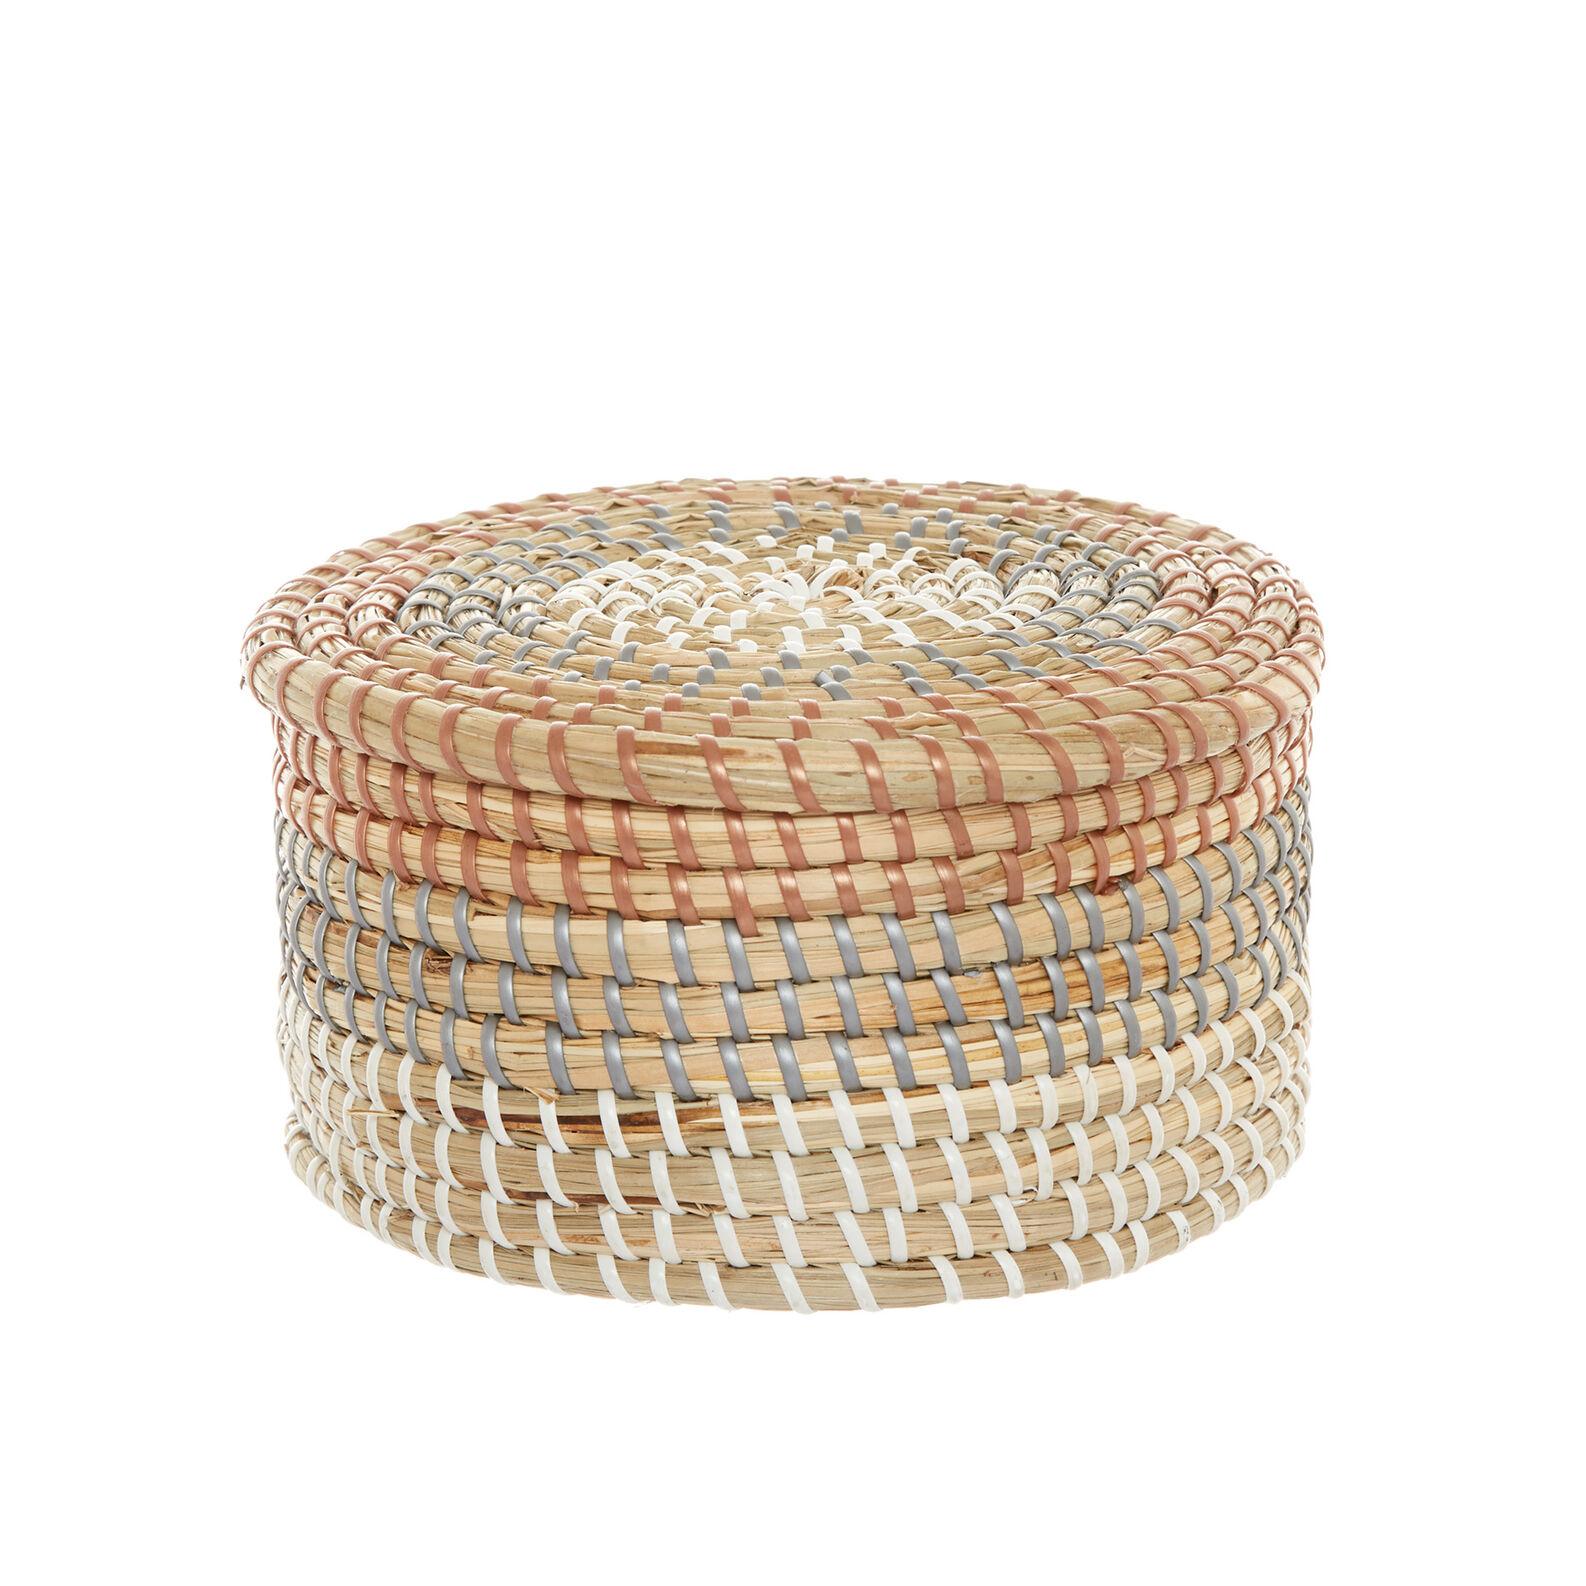 Handmade round seagrass basket